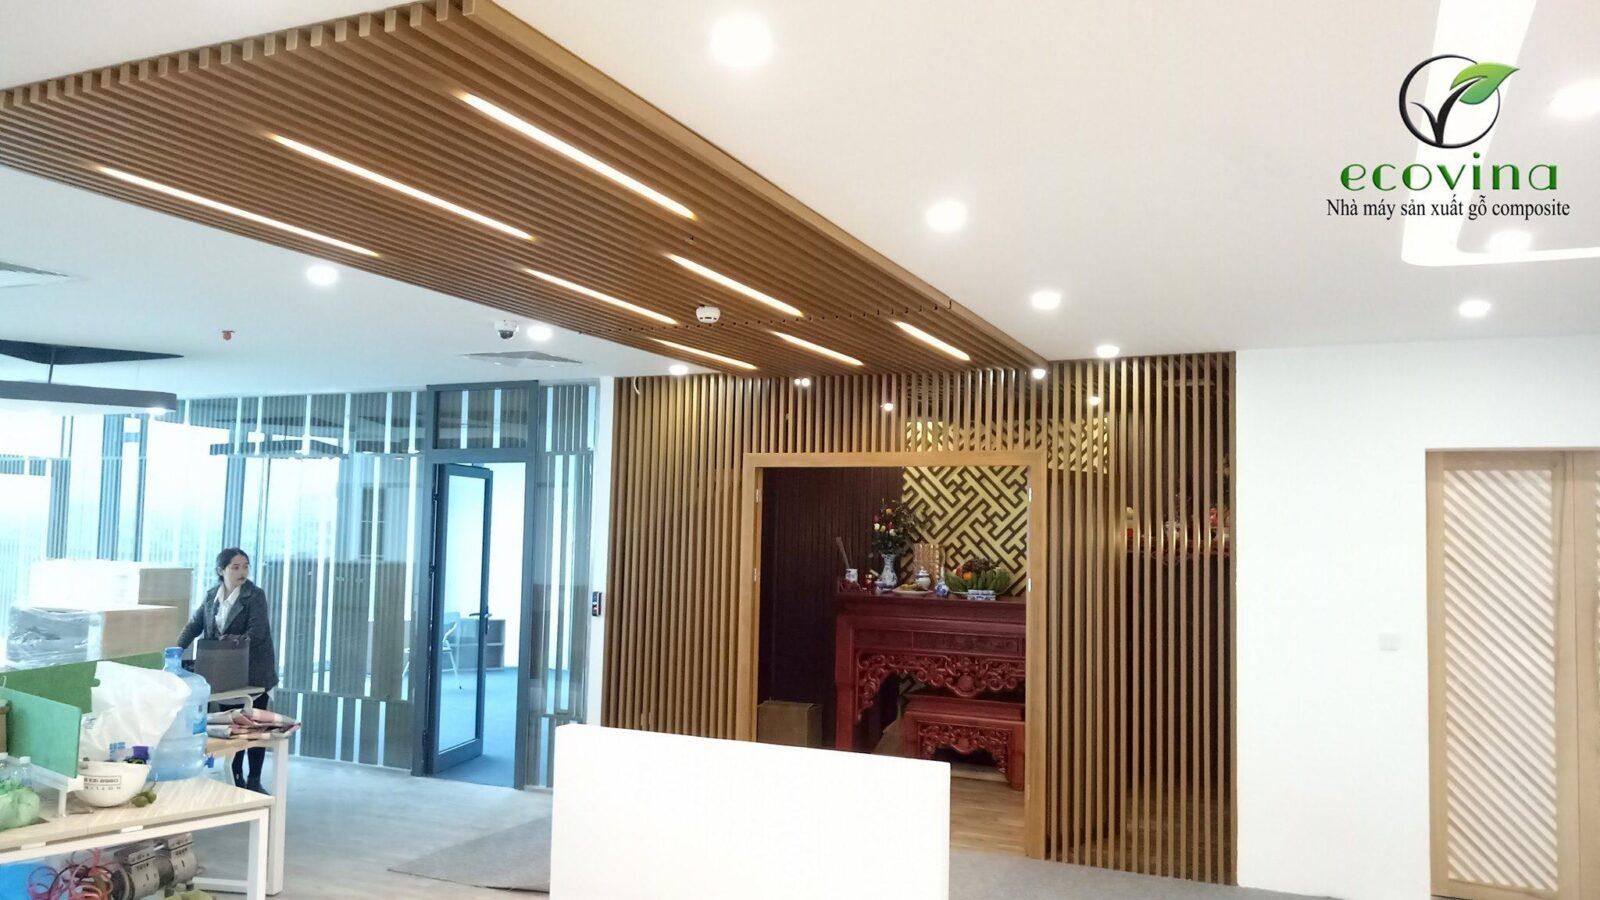 Thi công trần gỗ nhựa composite như thế nào ?